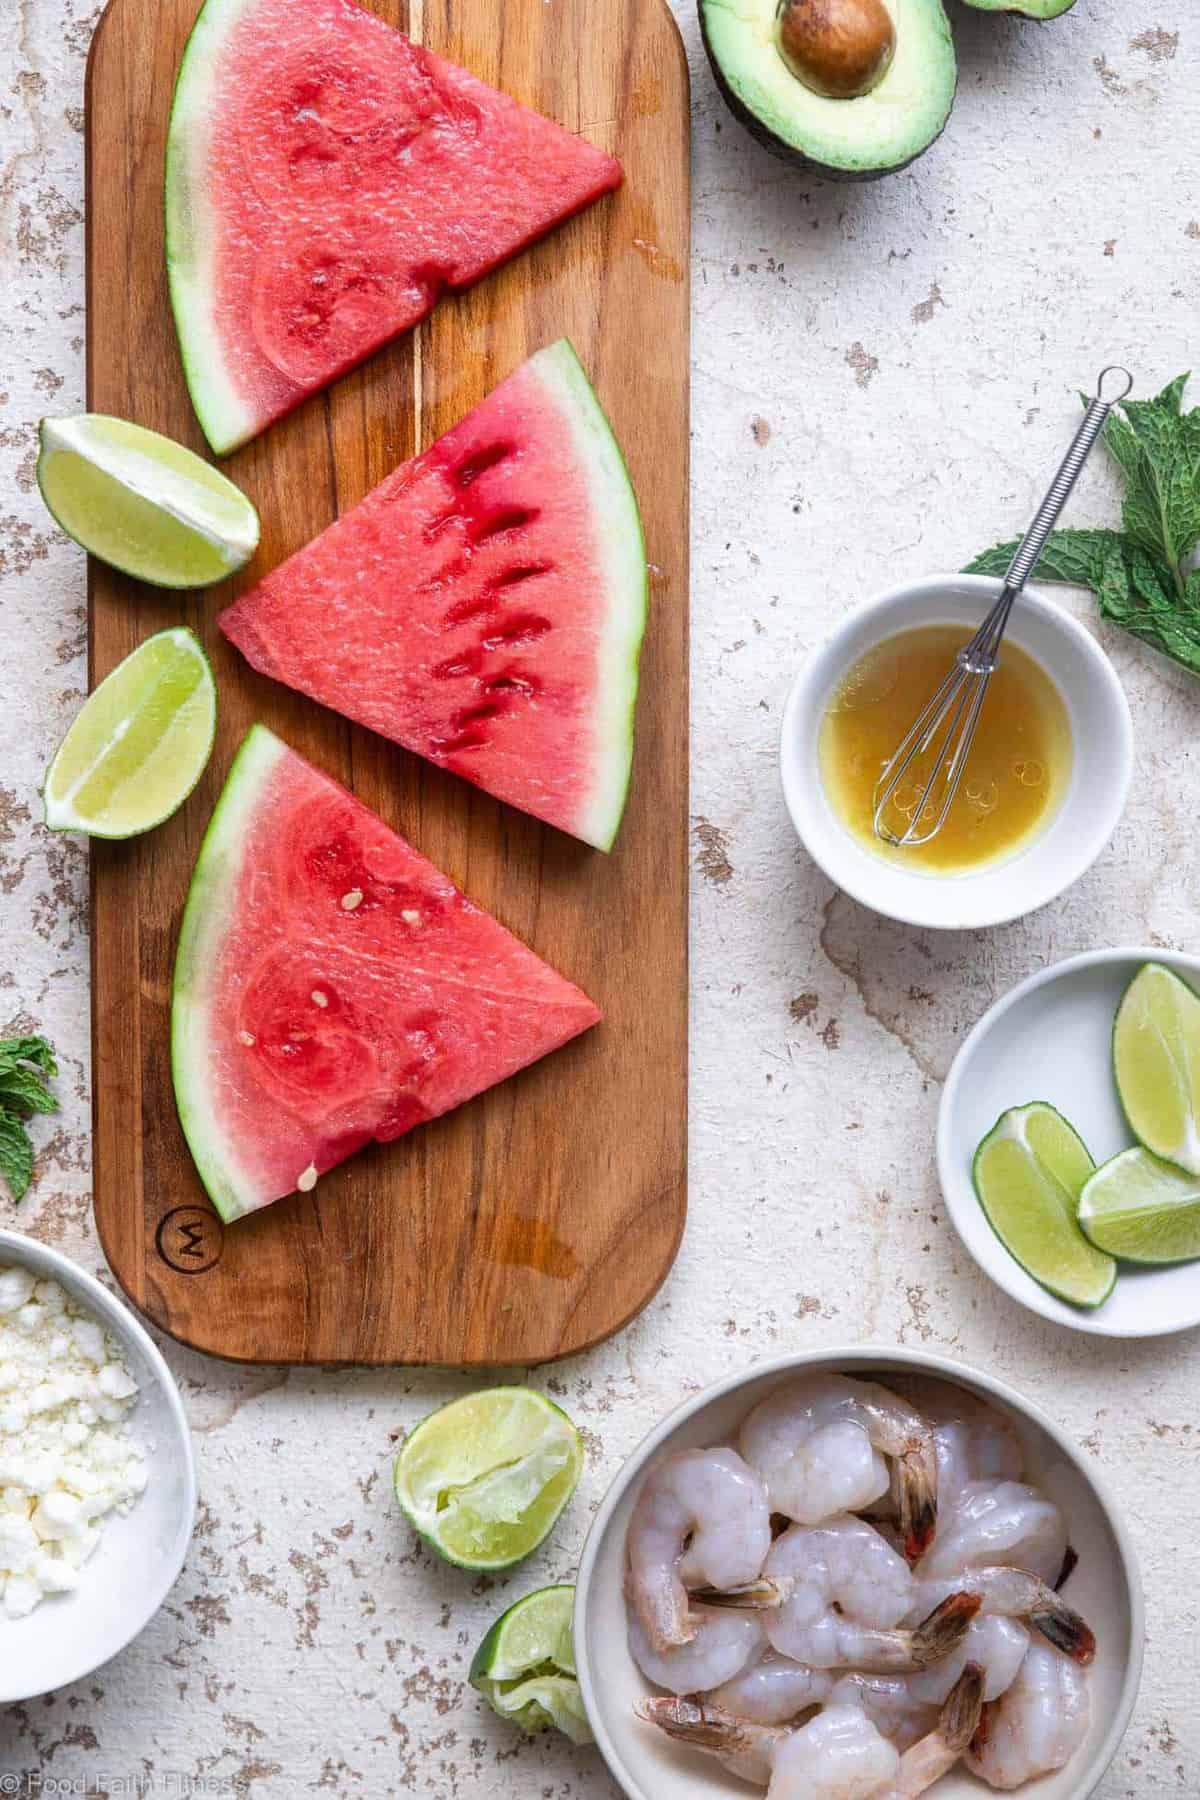 sliced watermelon arranged on a cutting board